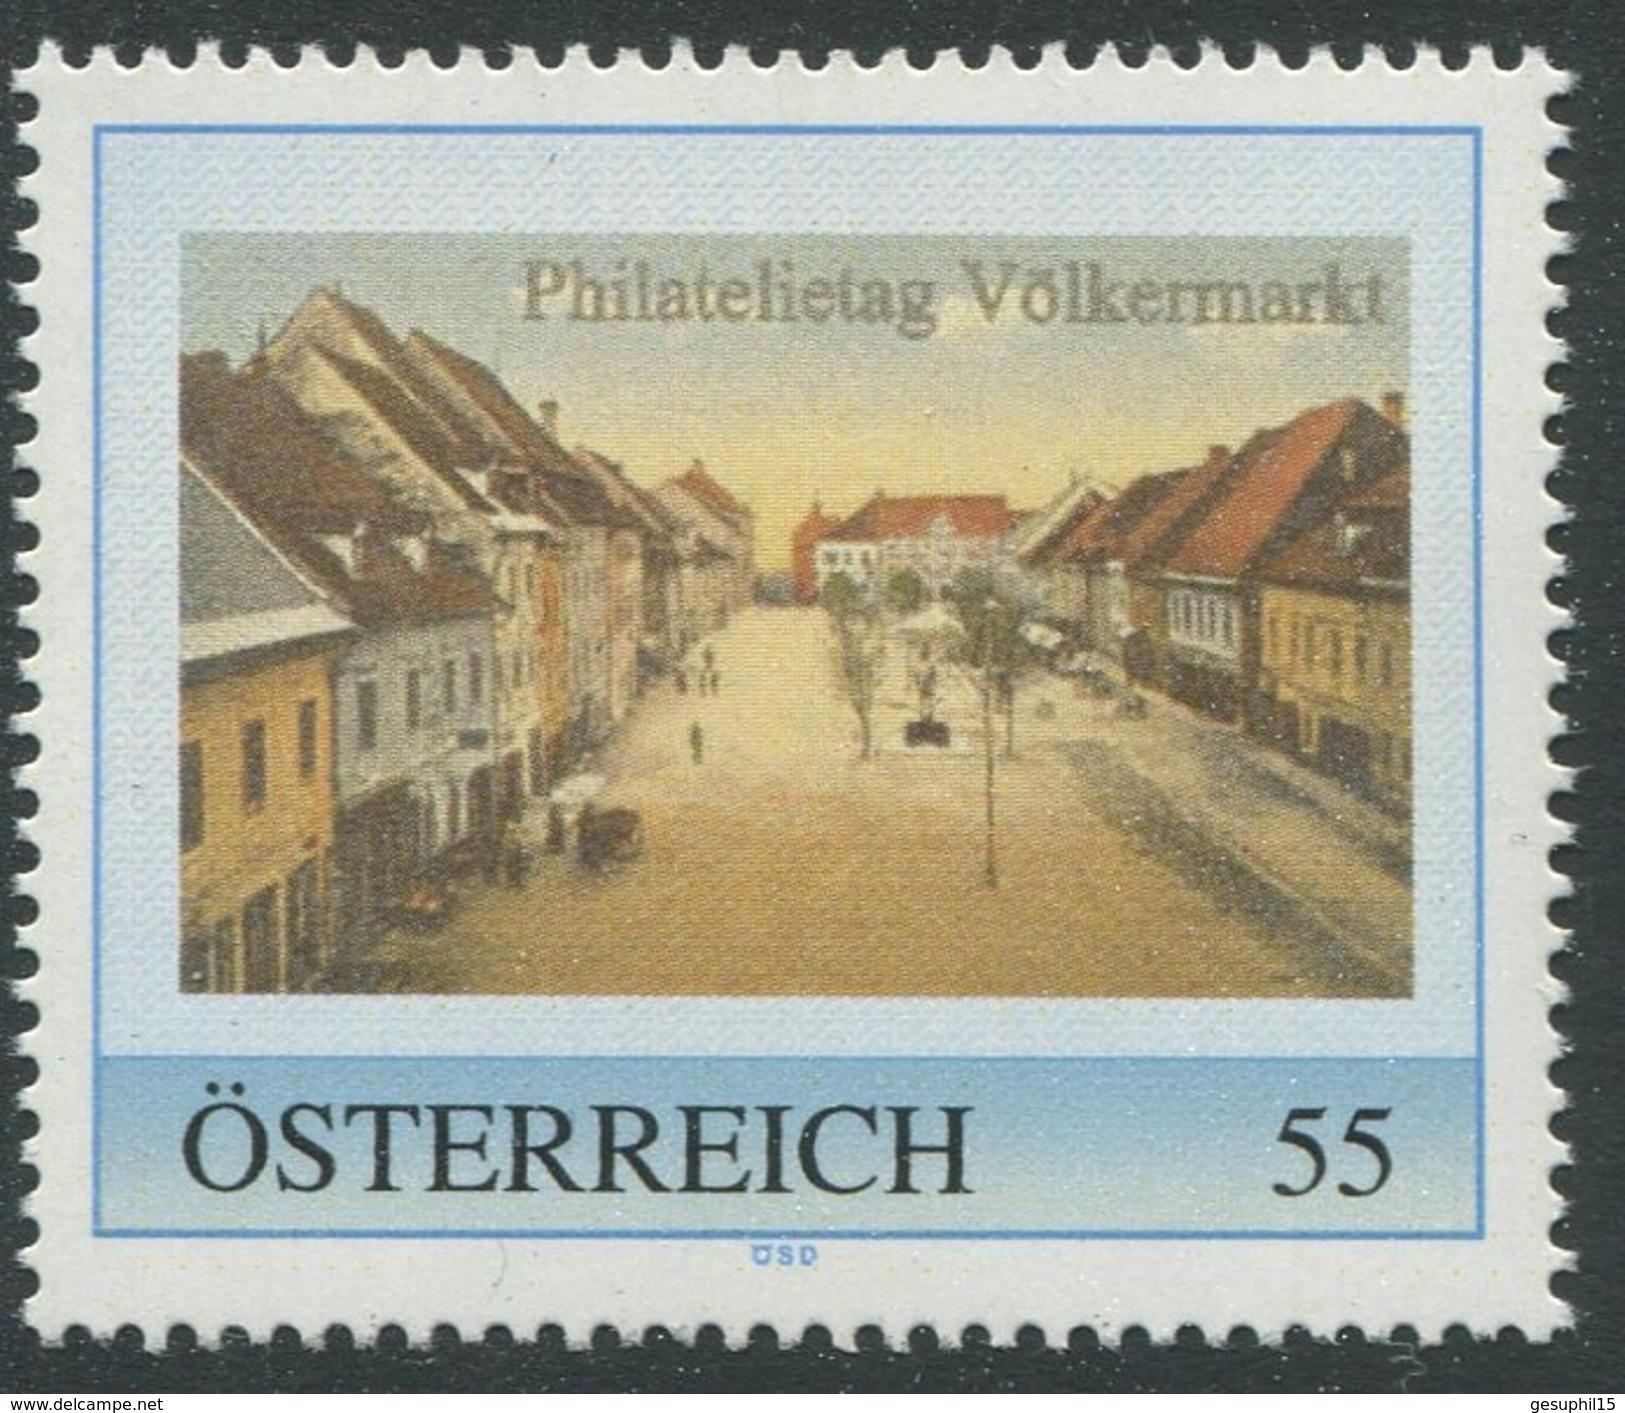 ÖSTERREICH / Philatelietag Völkermarkt / Postfrisch / ** / MNH - Personalisierte Briefmarken